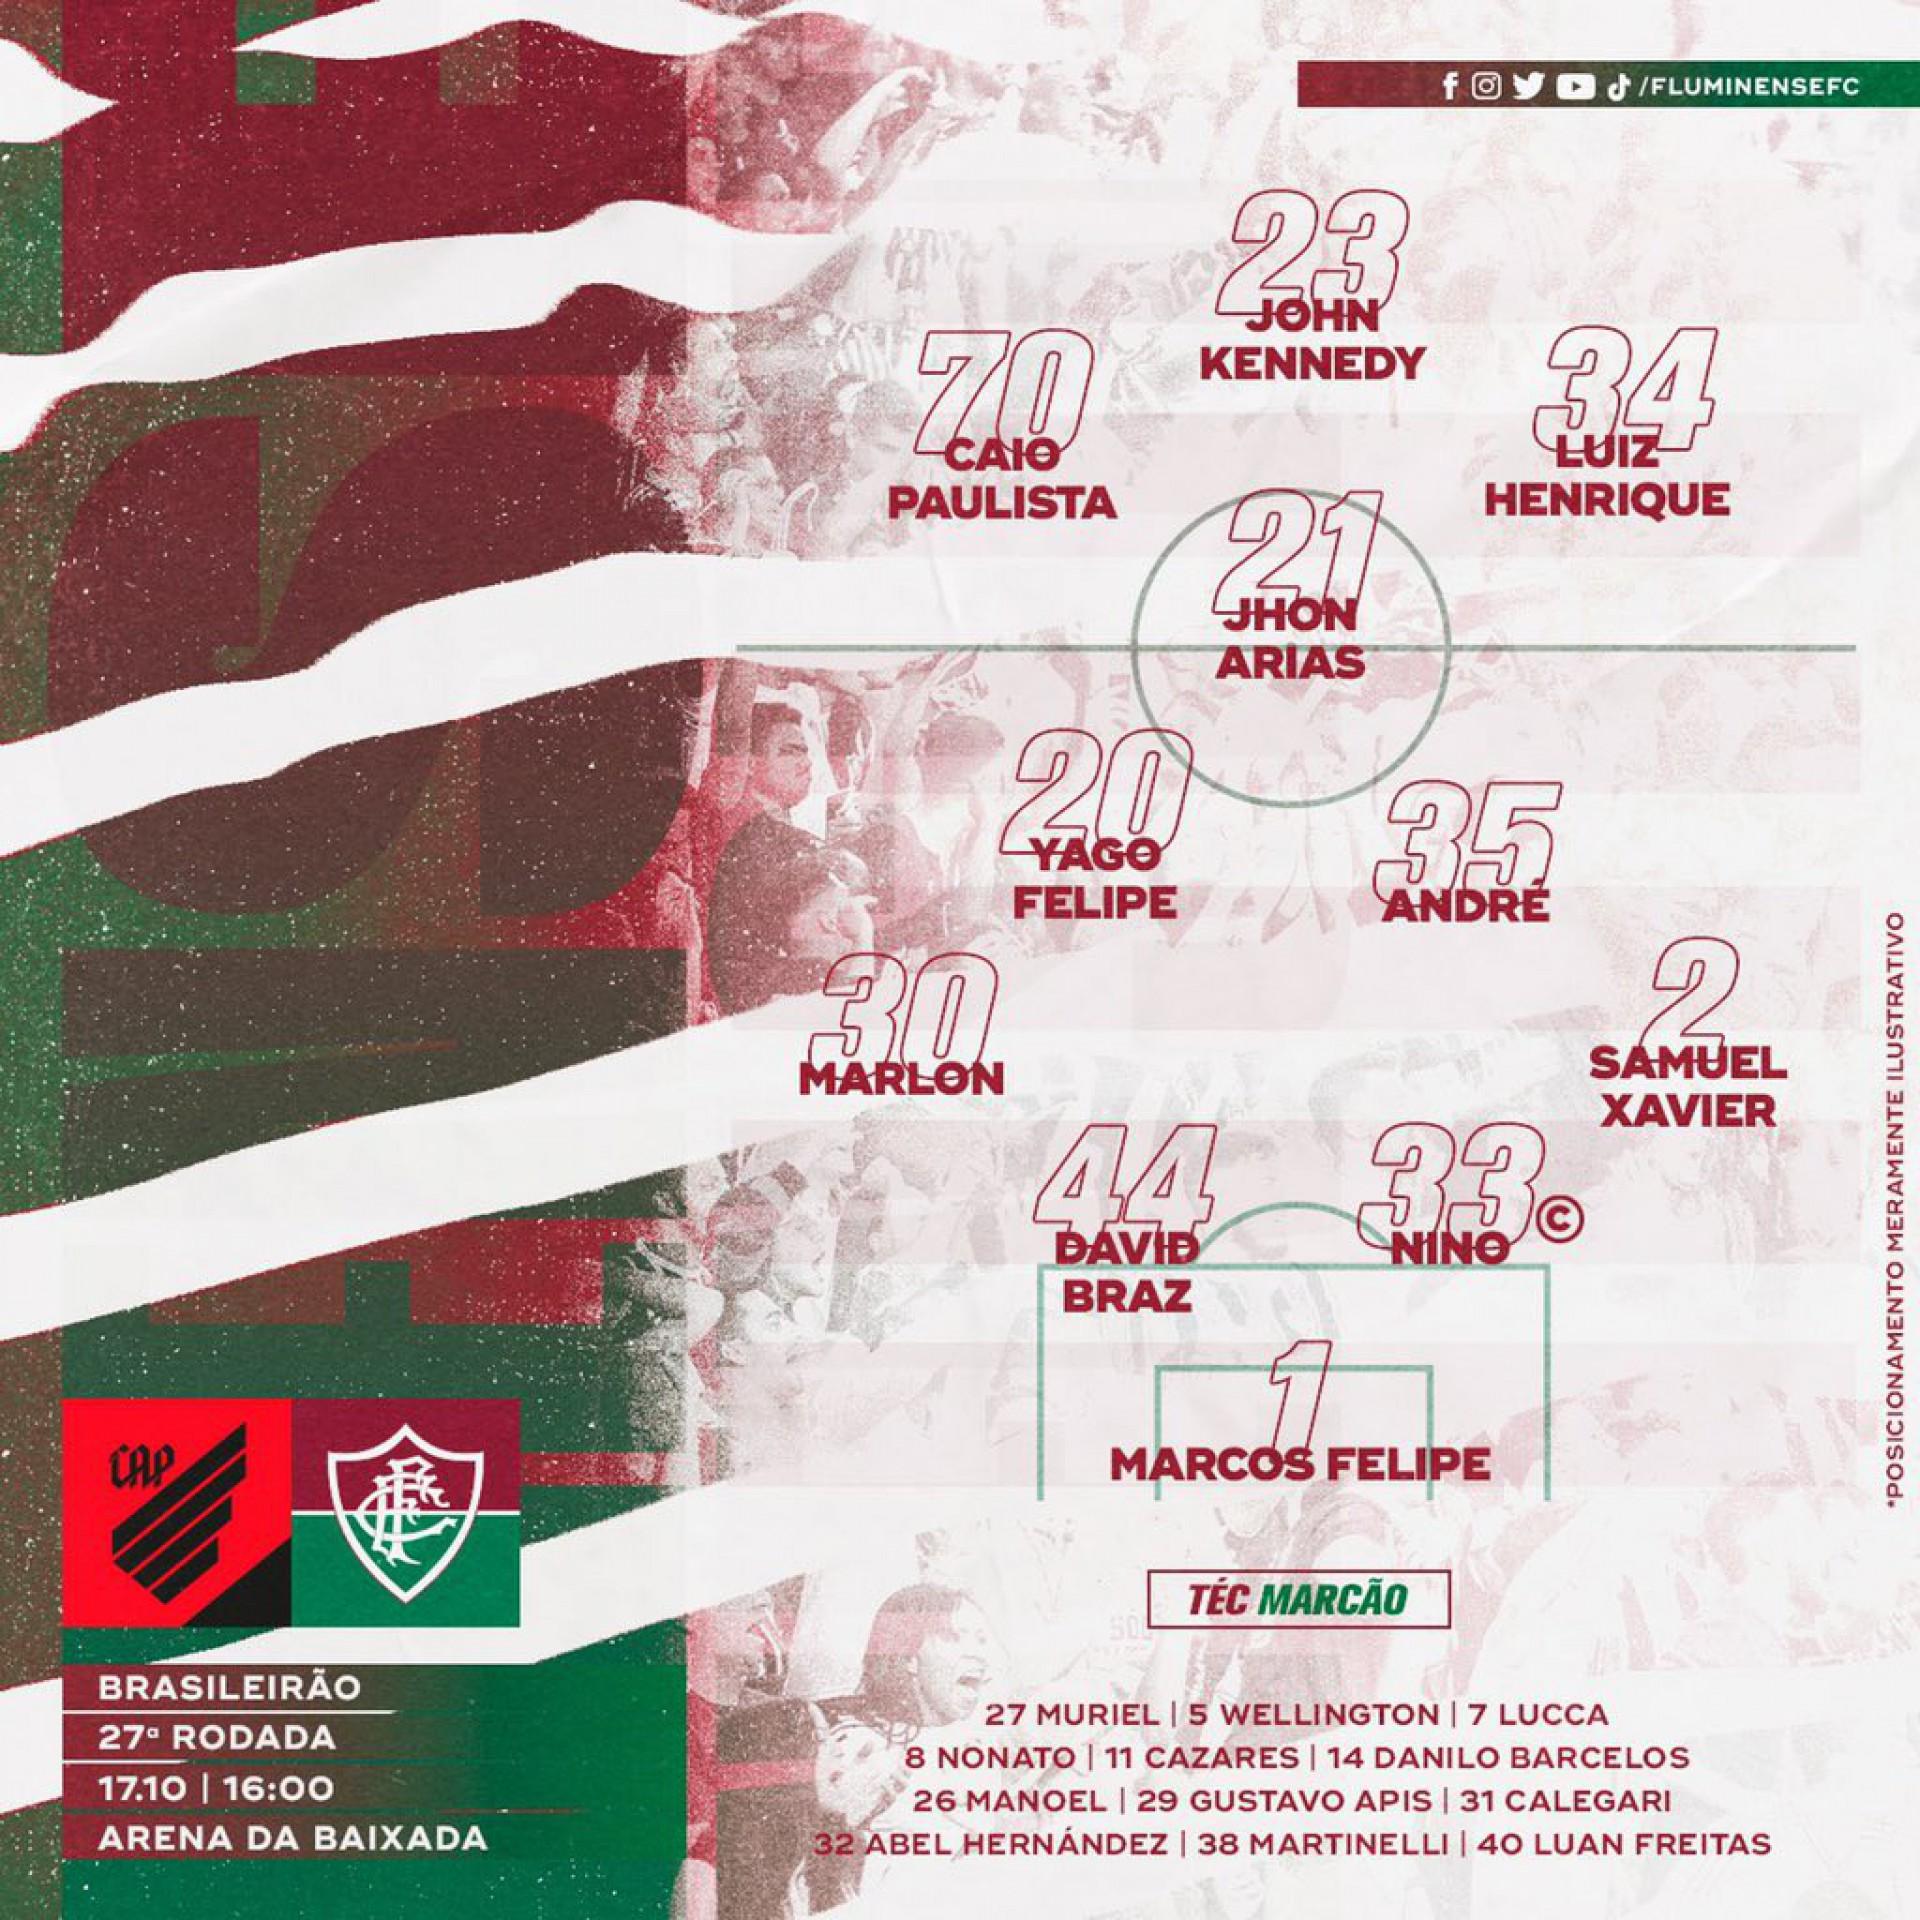 Com mudanças, Fluminense está escalado para duelo contra o Athletico-PR